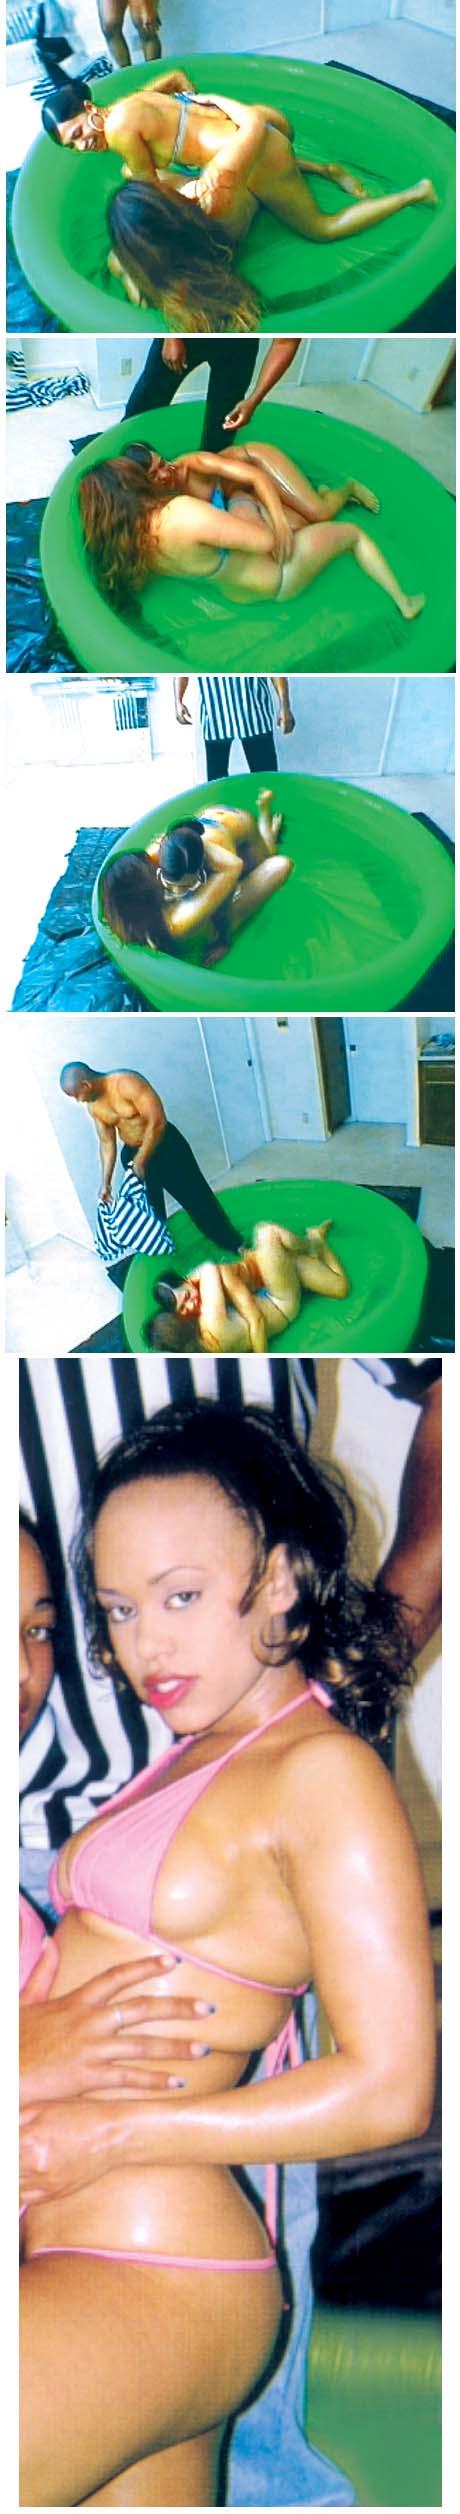 Combat De Lutte Feminine Nue Belles Femmes Nues Photos